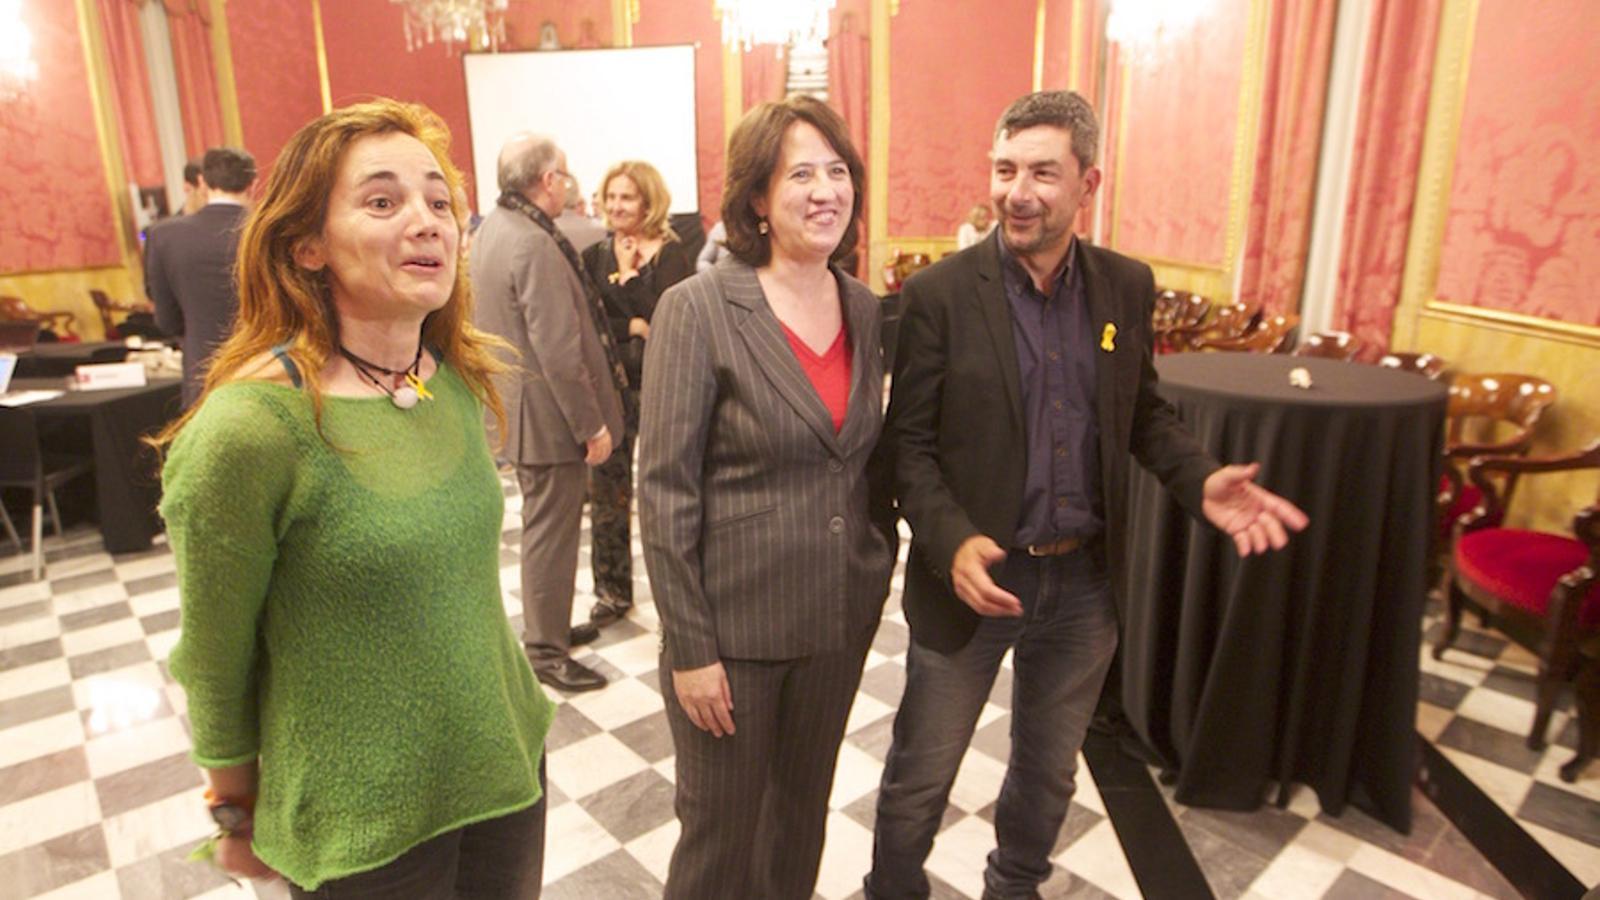 La presidenta de l'ANC, Elisenda Paluzie, amb l'empresari Joan Canadell, ahir a la nit a la Cambra de Comerç de Barcelona